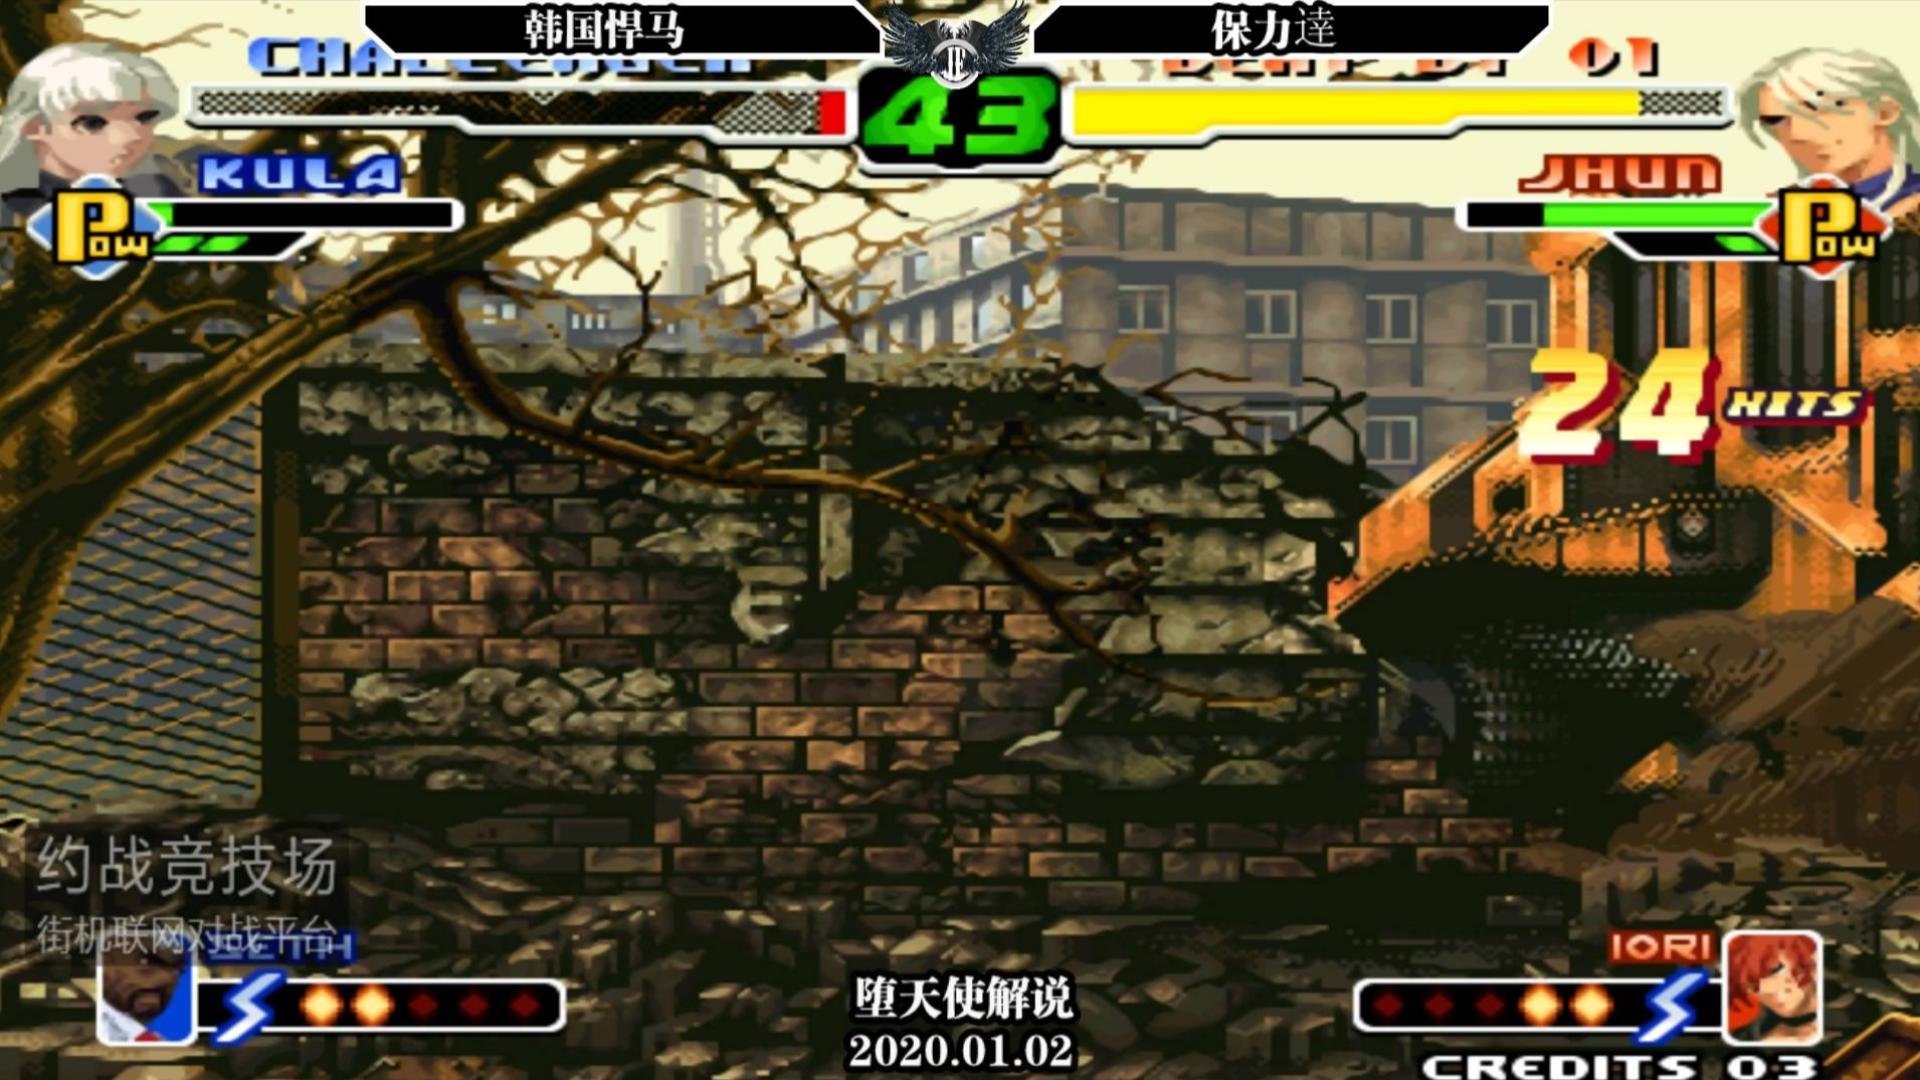 拳皇2000 保力逹打出霸气踩头一套死,就问对手服不服?